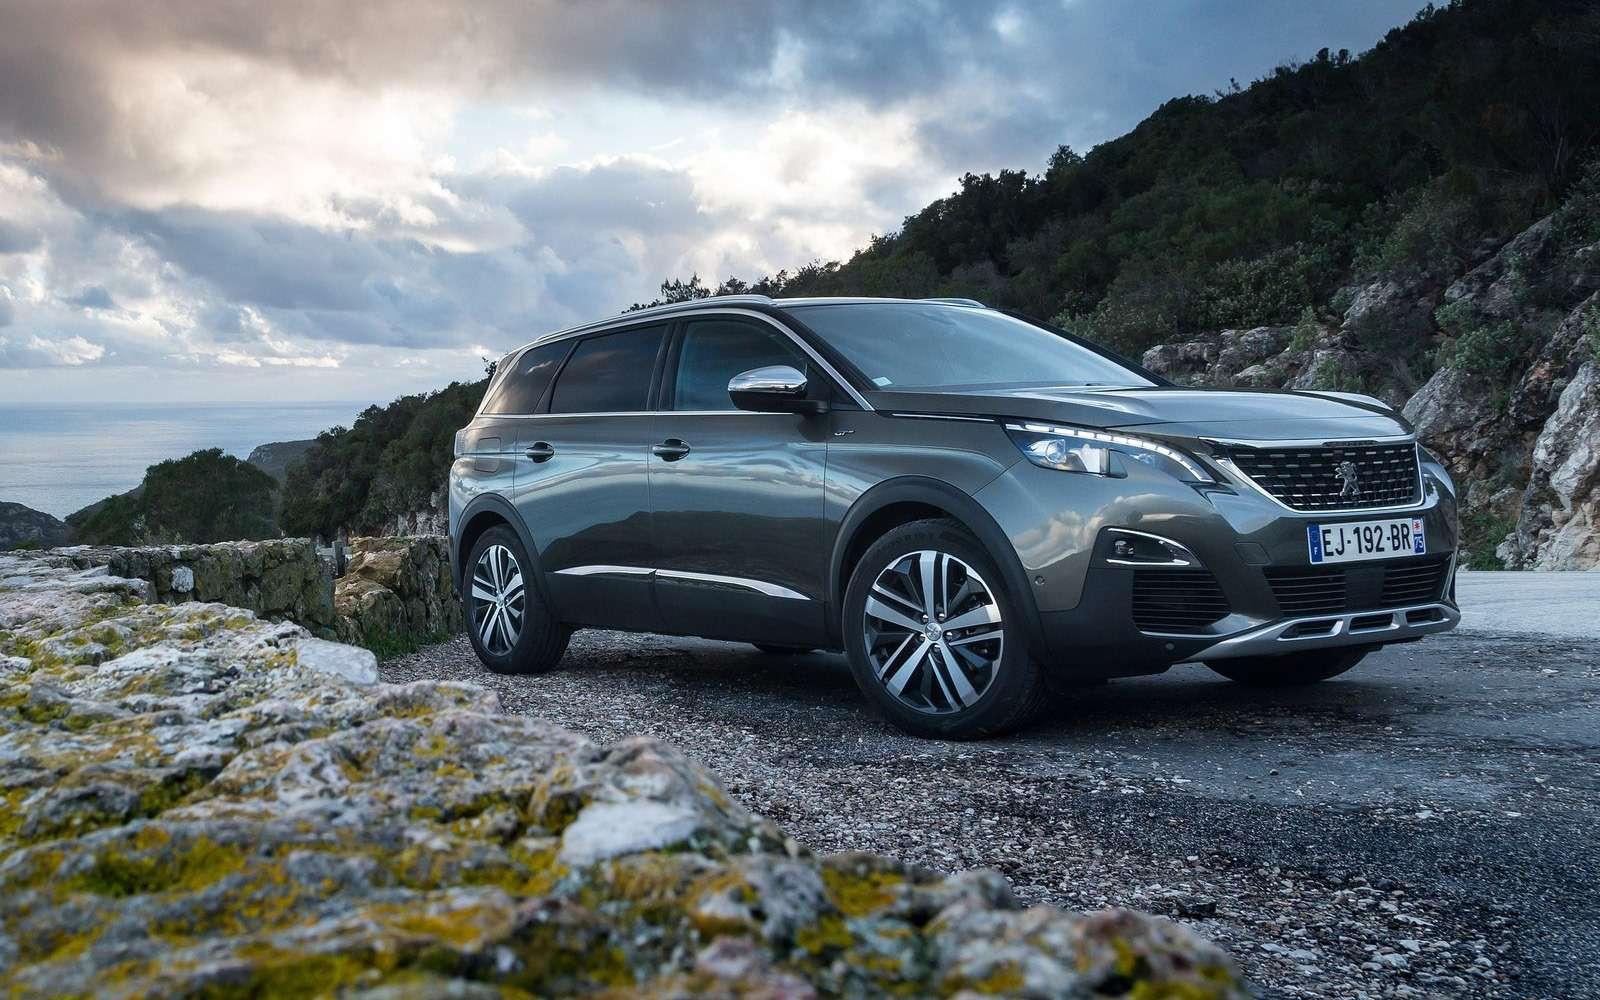 Peugeot привезет вРоссию большой кроссовер. Осталось узнать цены— фото 821992